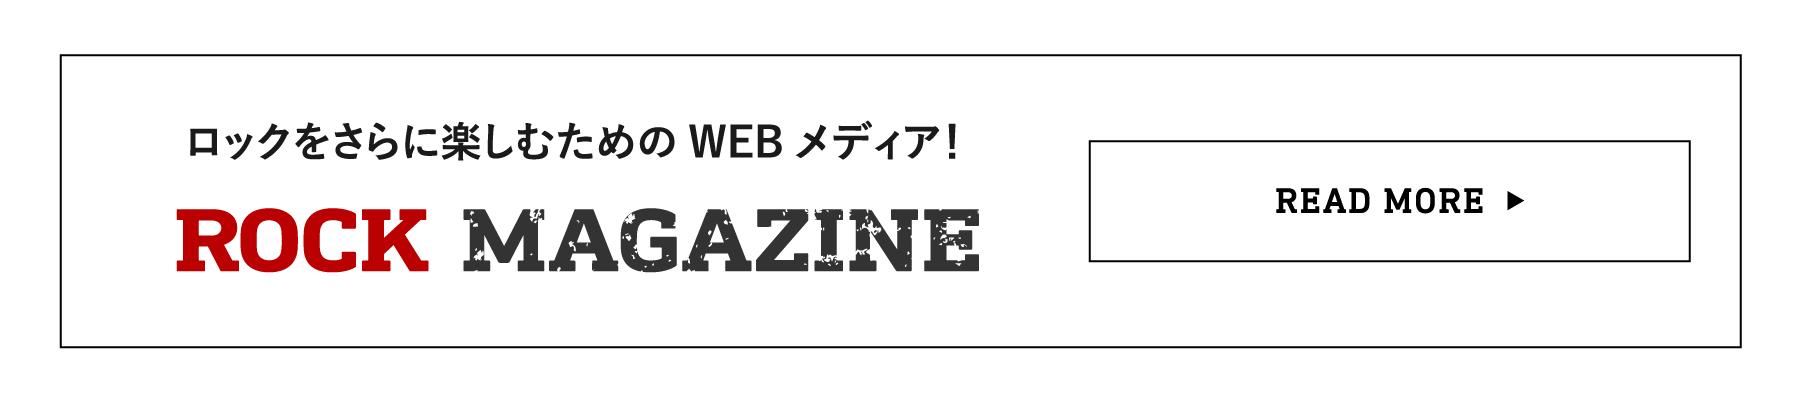 ロックをさらに楽しむための WEB メディア! ROCK MAGAZINE